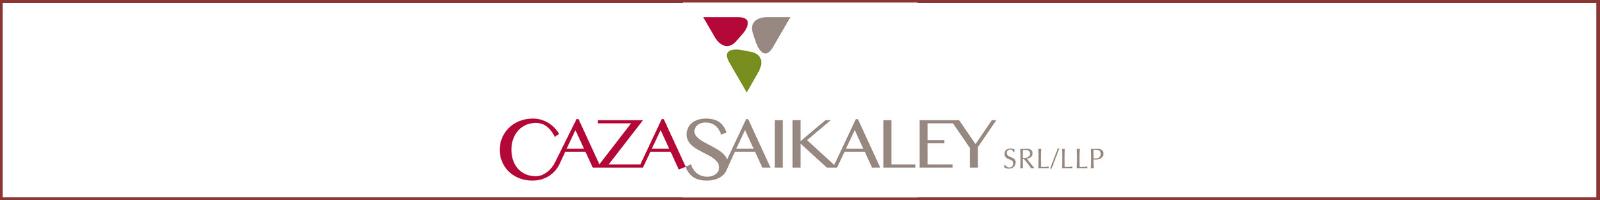 Caza Saikaley